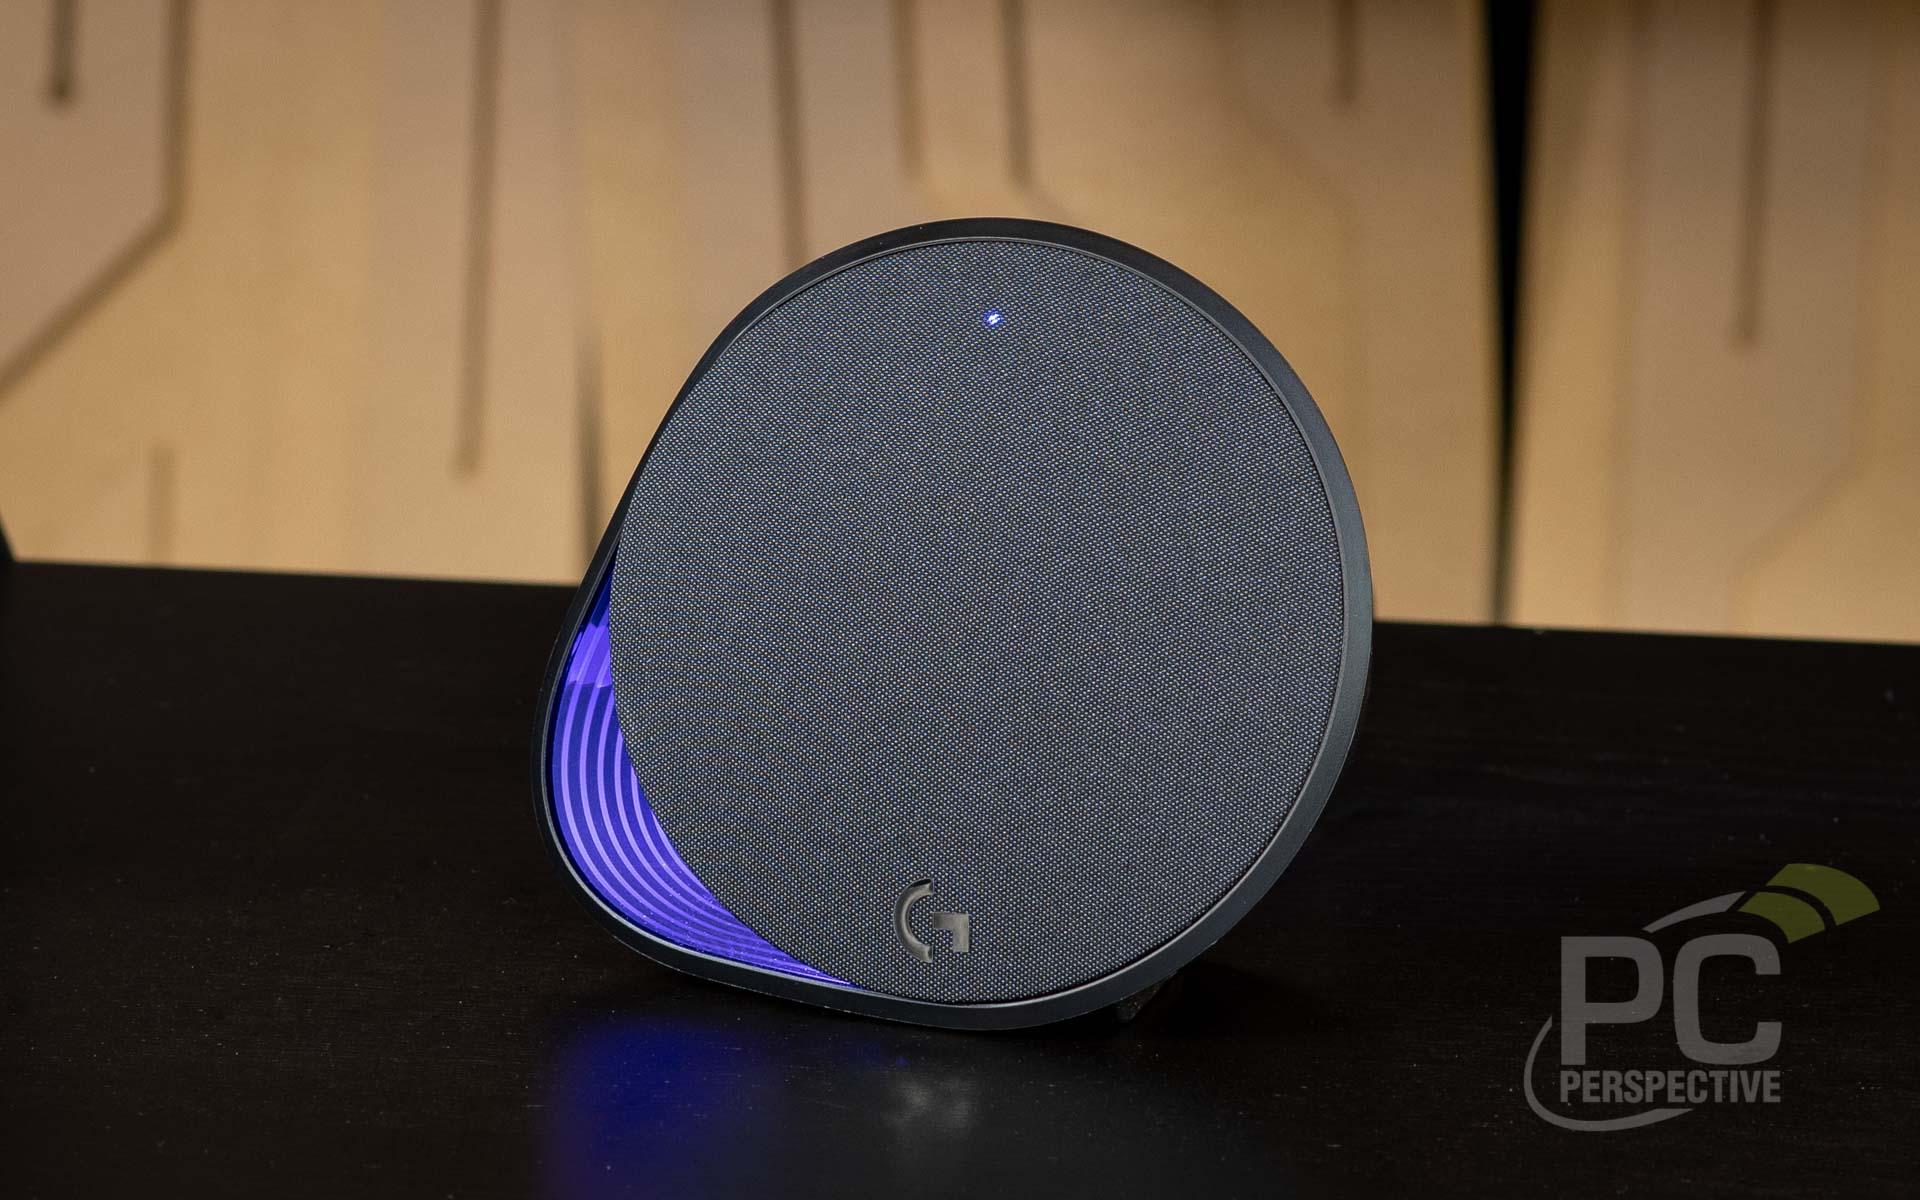 logitech-g560-rgb-speaker-2.jpg